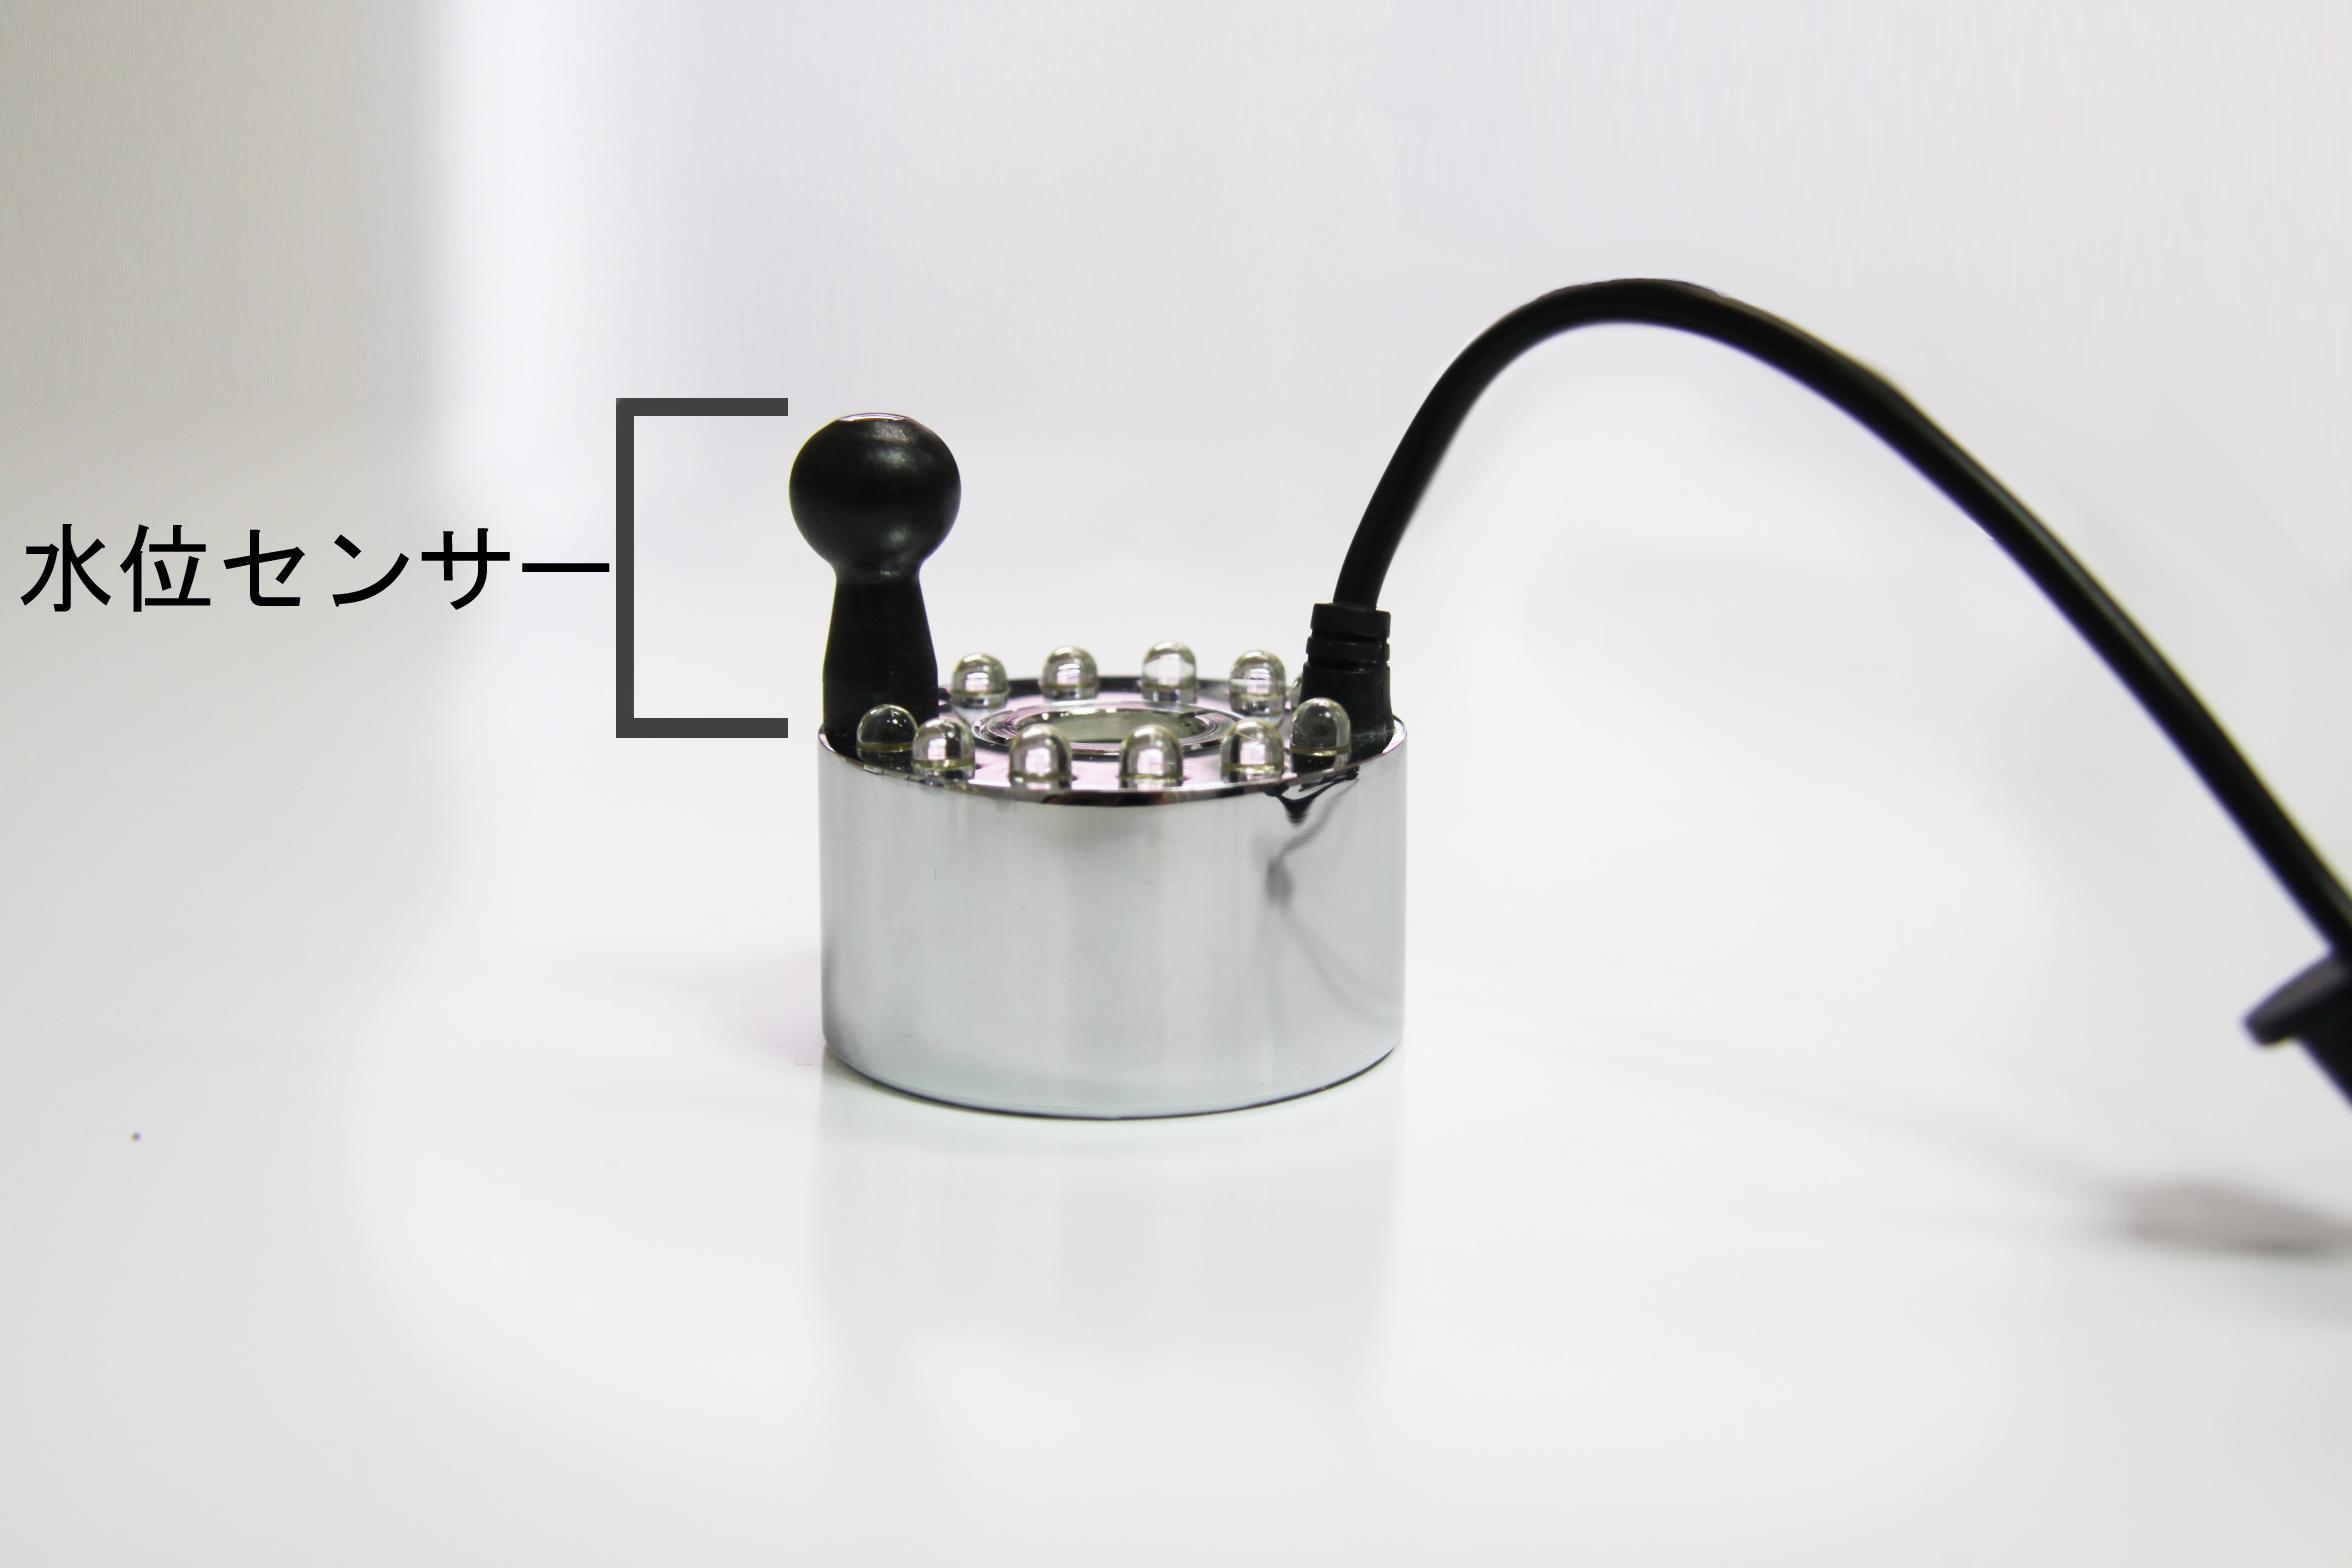 水位センサー